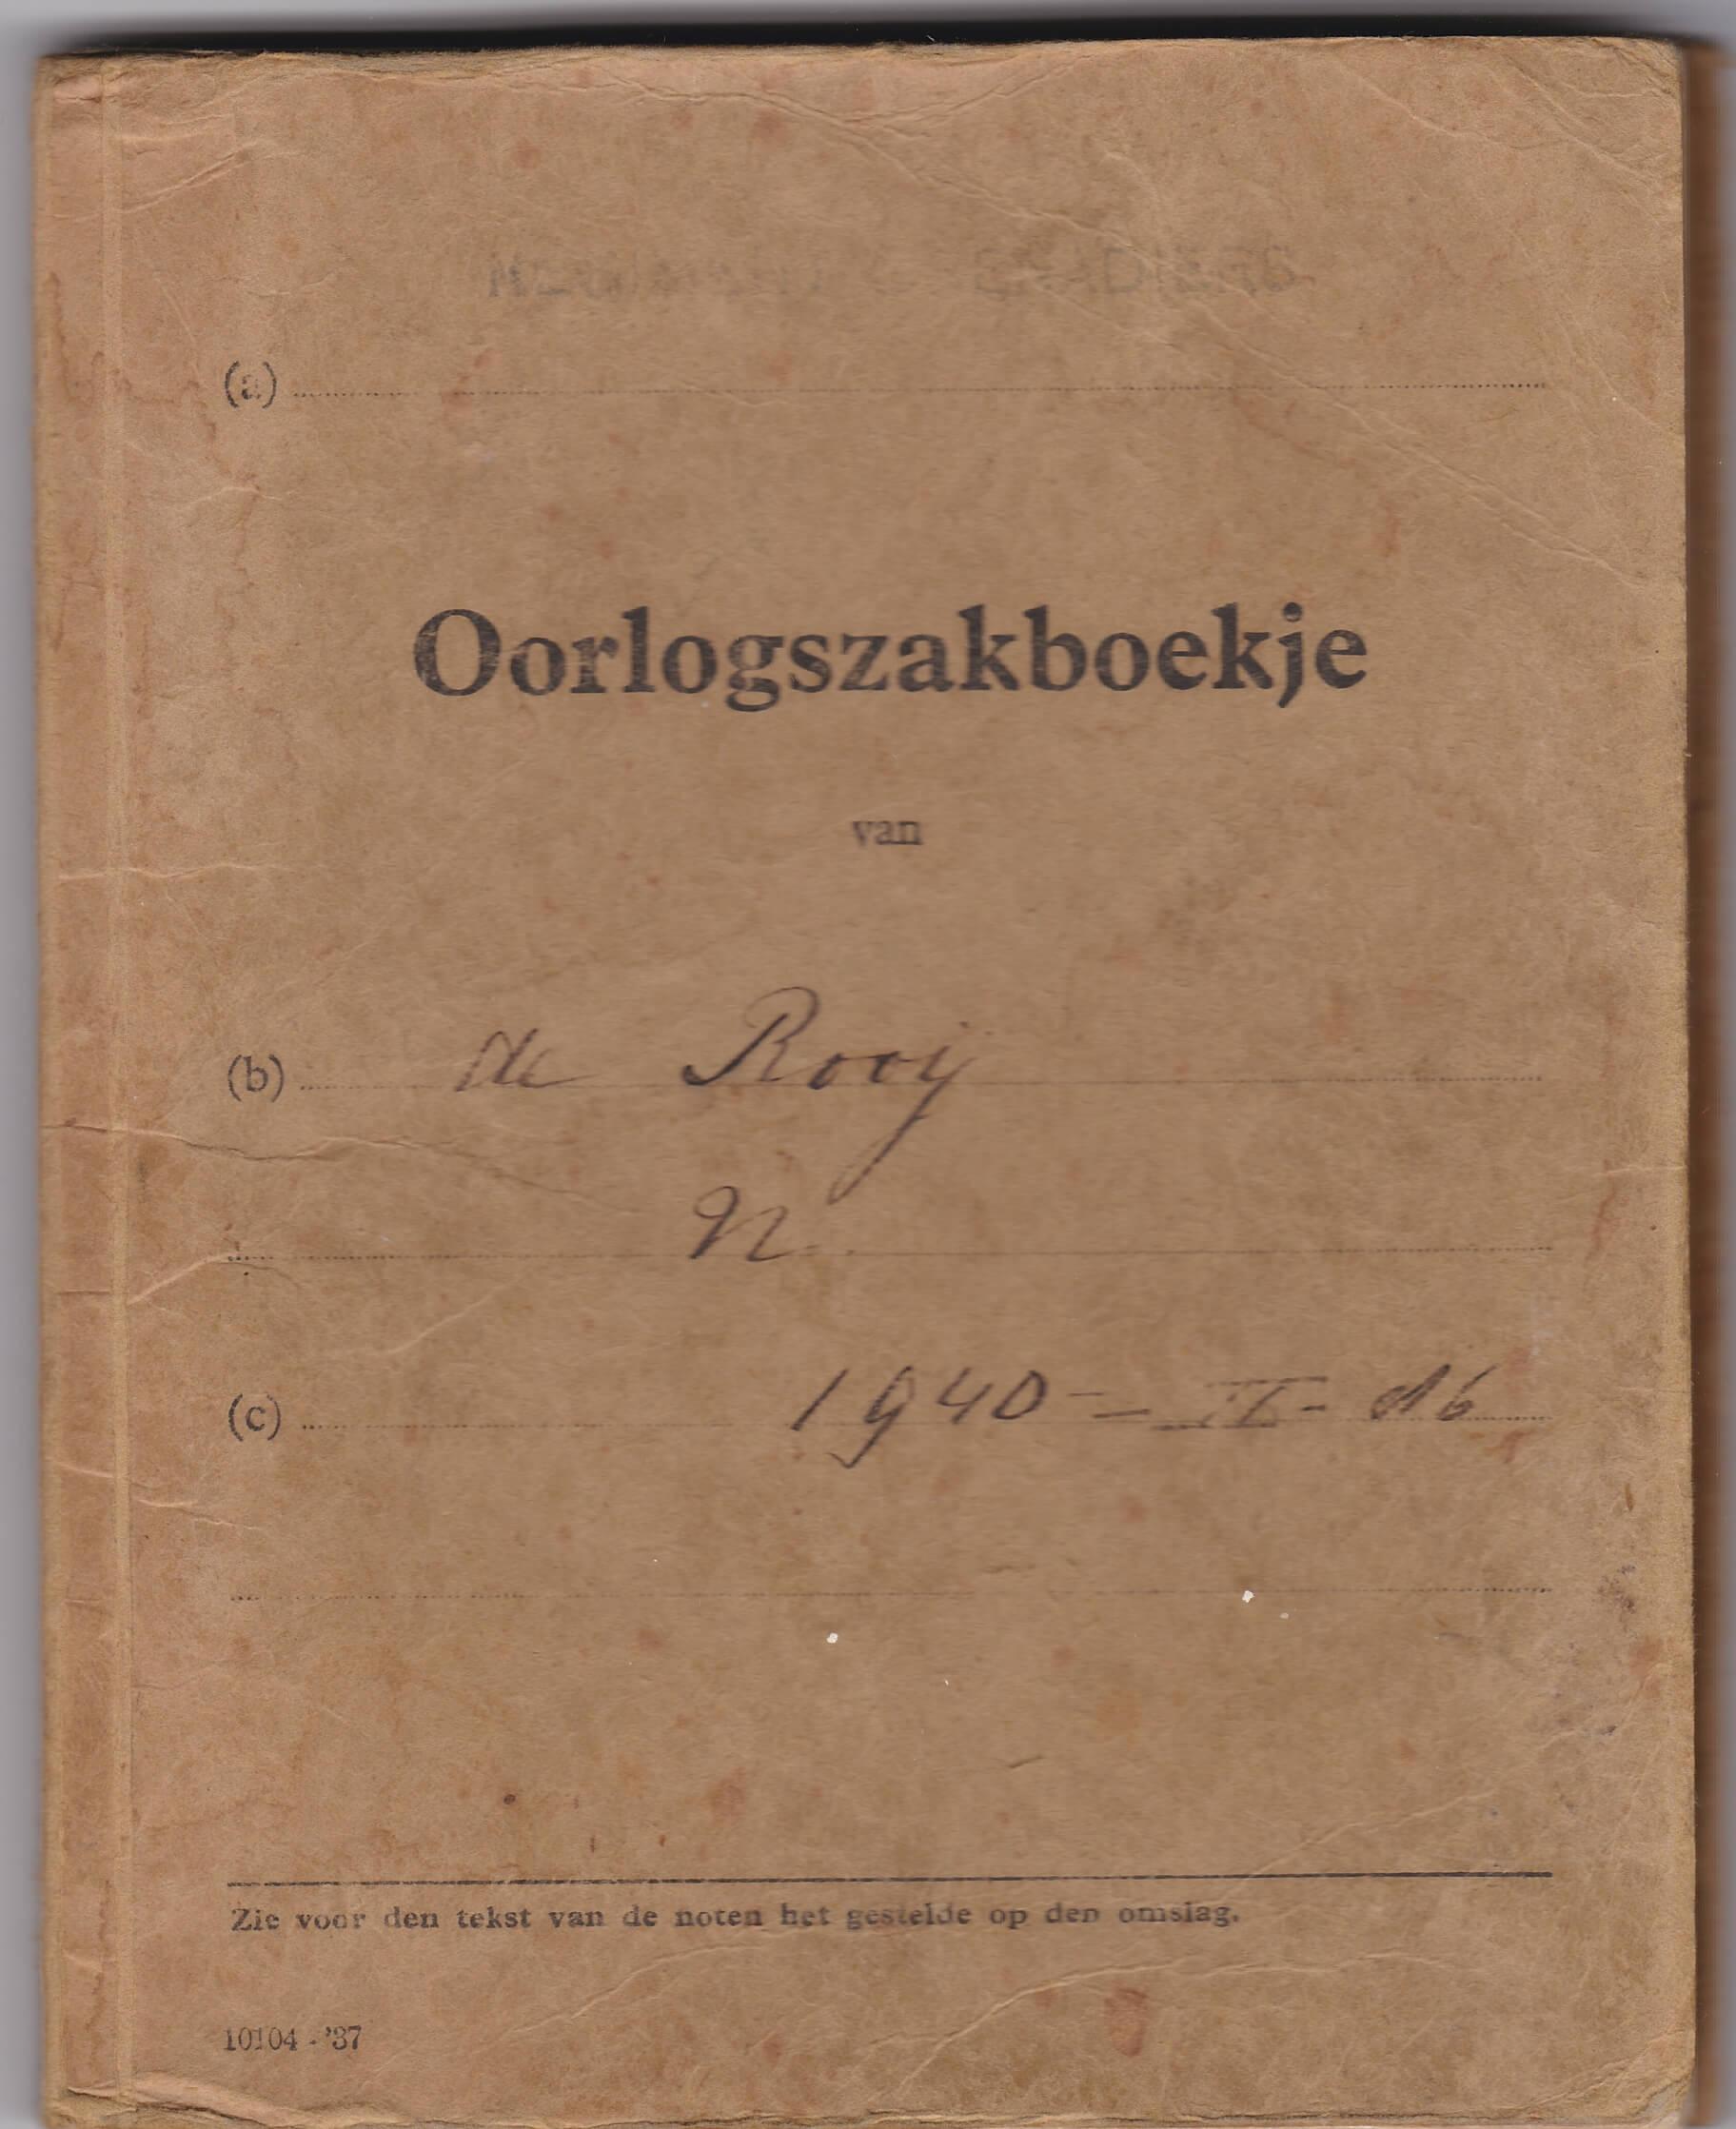 oorlogszakboekje wo2